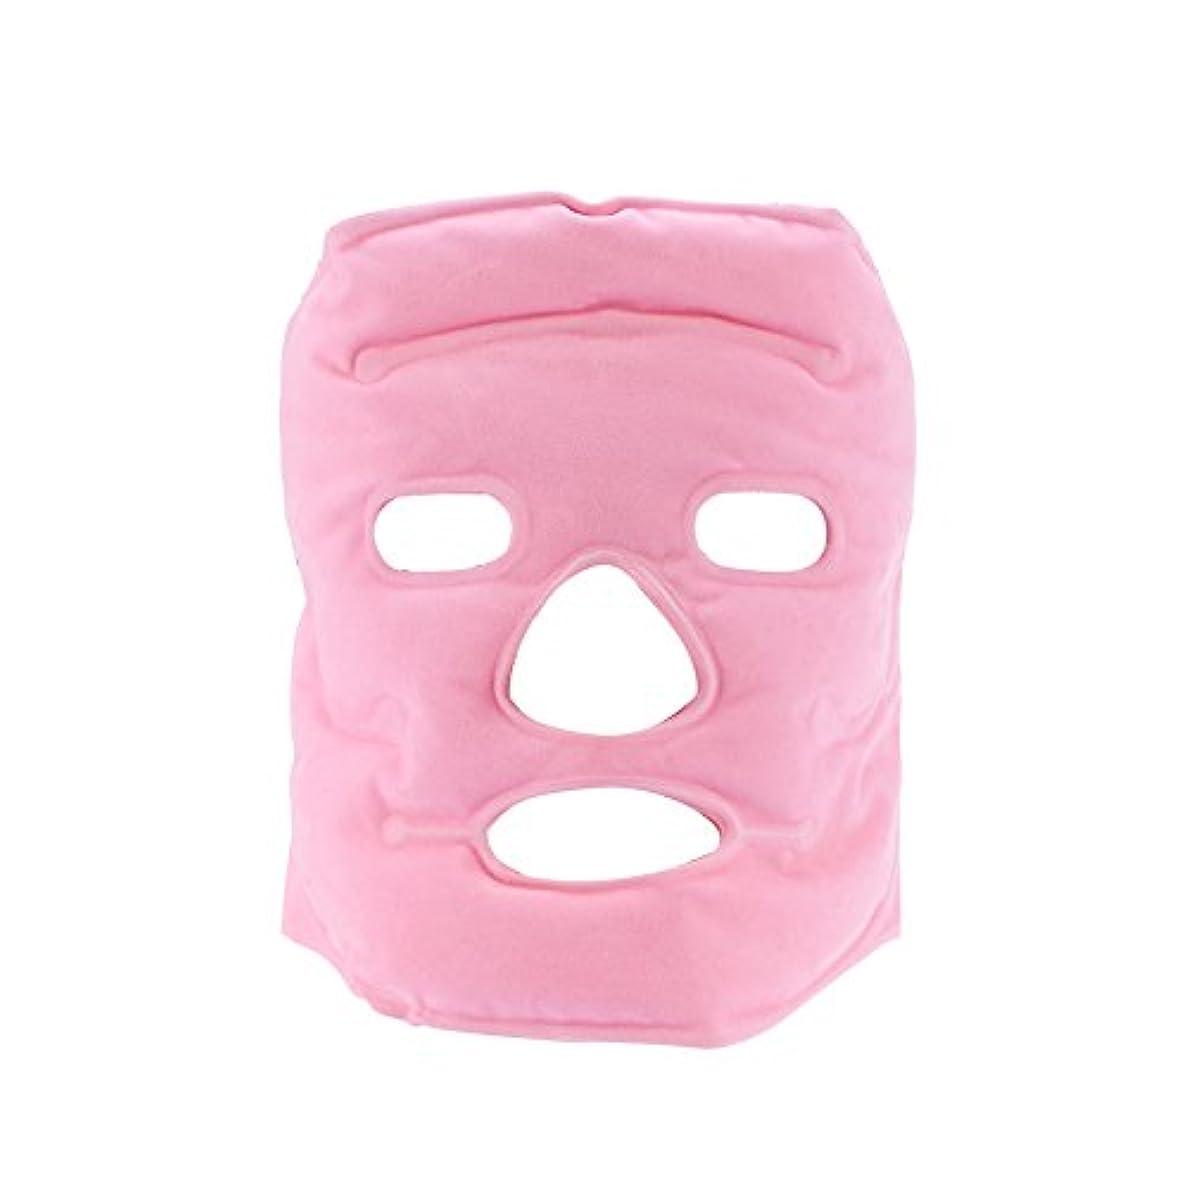 重大おいしい被るトルマリンフェイスマスク、フェイシャル美容マスク計器トルマリン磁気コールド/ホットコンプレッションマッサージアンチリンクルフェイスケア女性